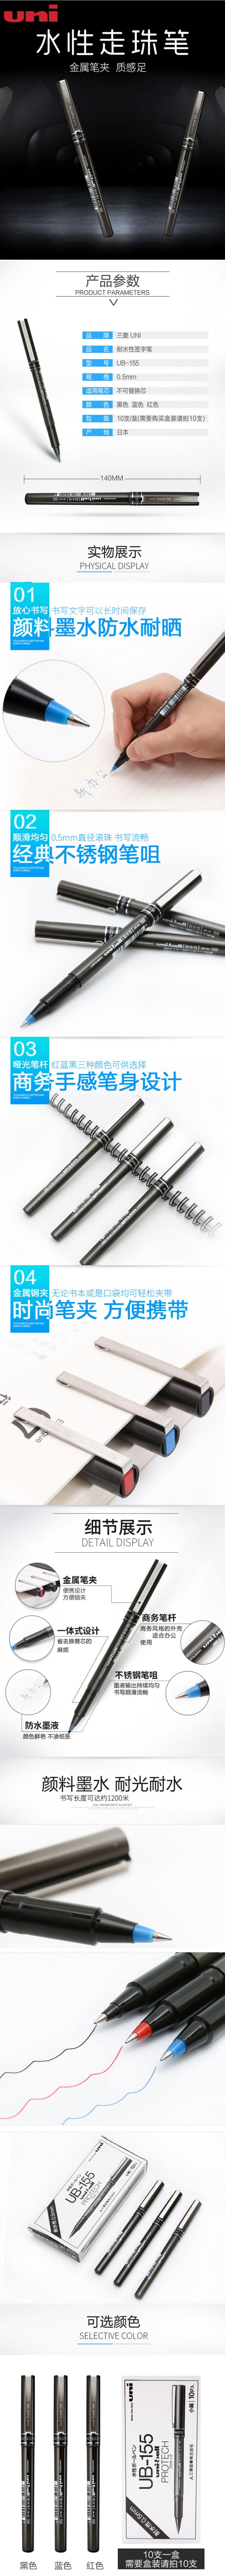 UB-155三菱签字笔 黑色